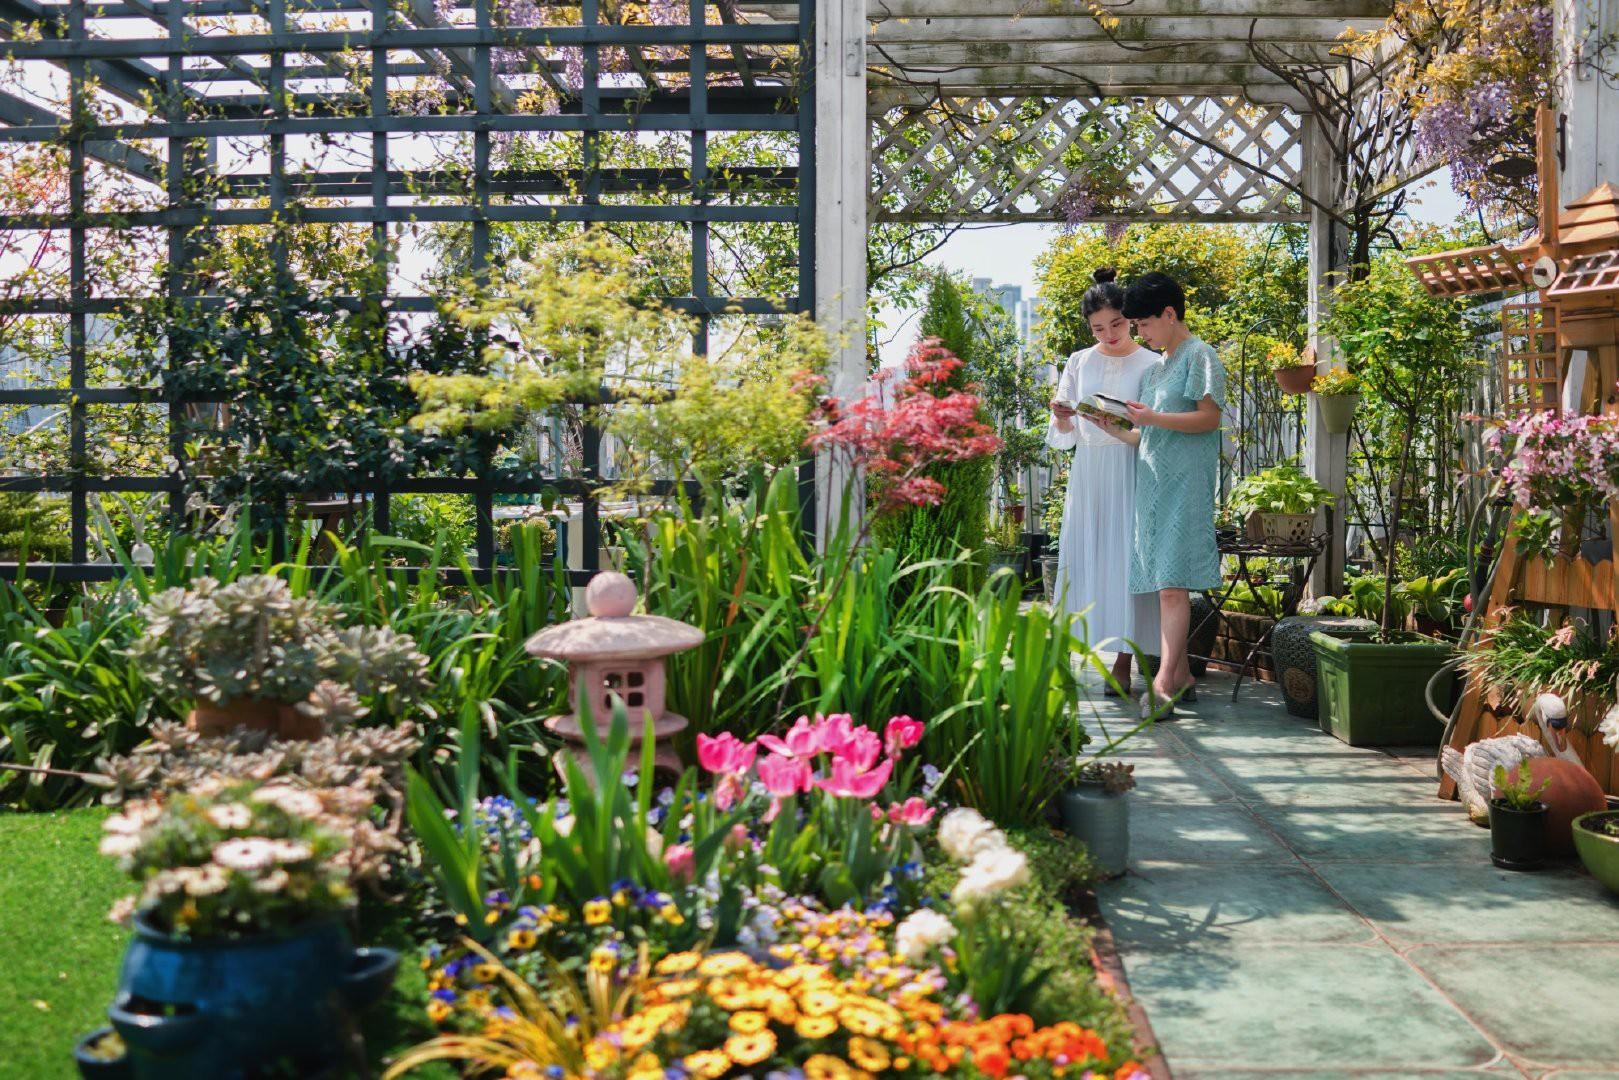 Tận dụng mái nhà bỏ hoang, người phụ nữ yêu hoa biến không gian thành khu vườn dịu dàng sắc hoa - Ảnh 8.